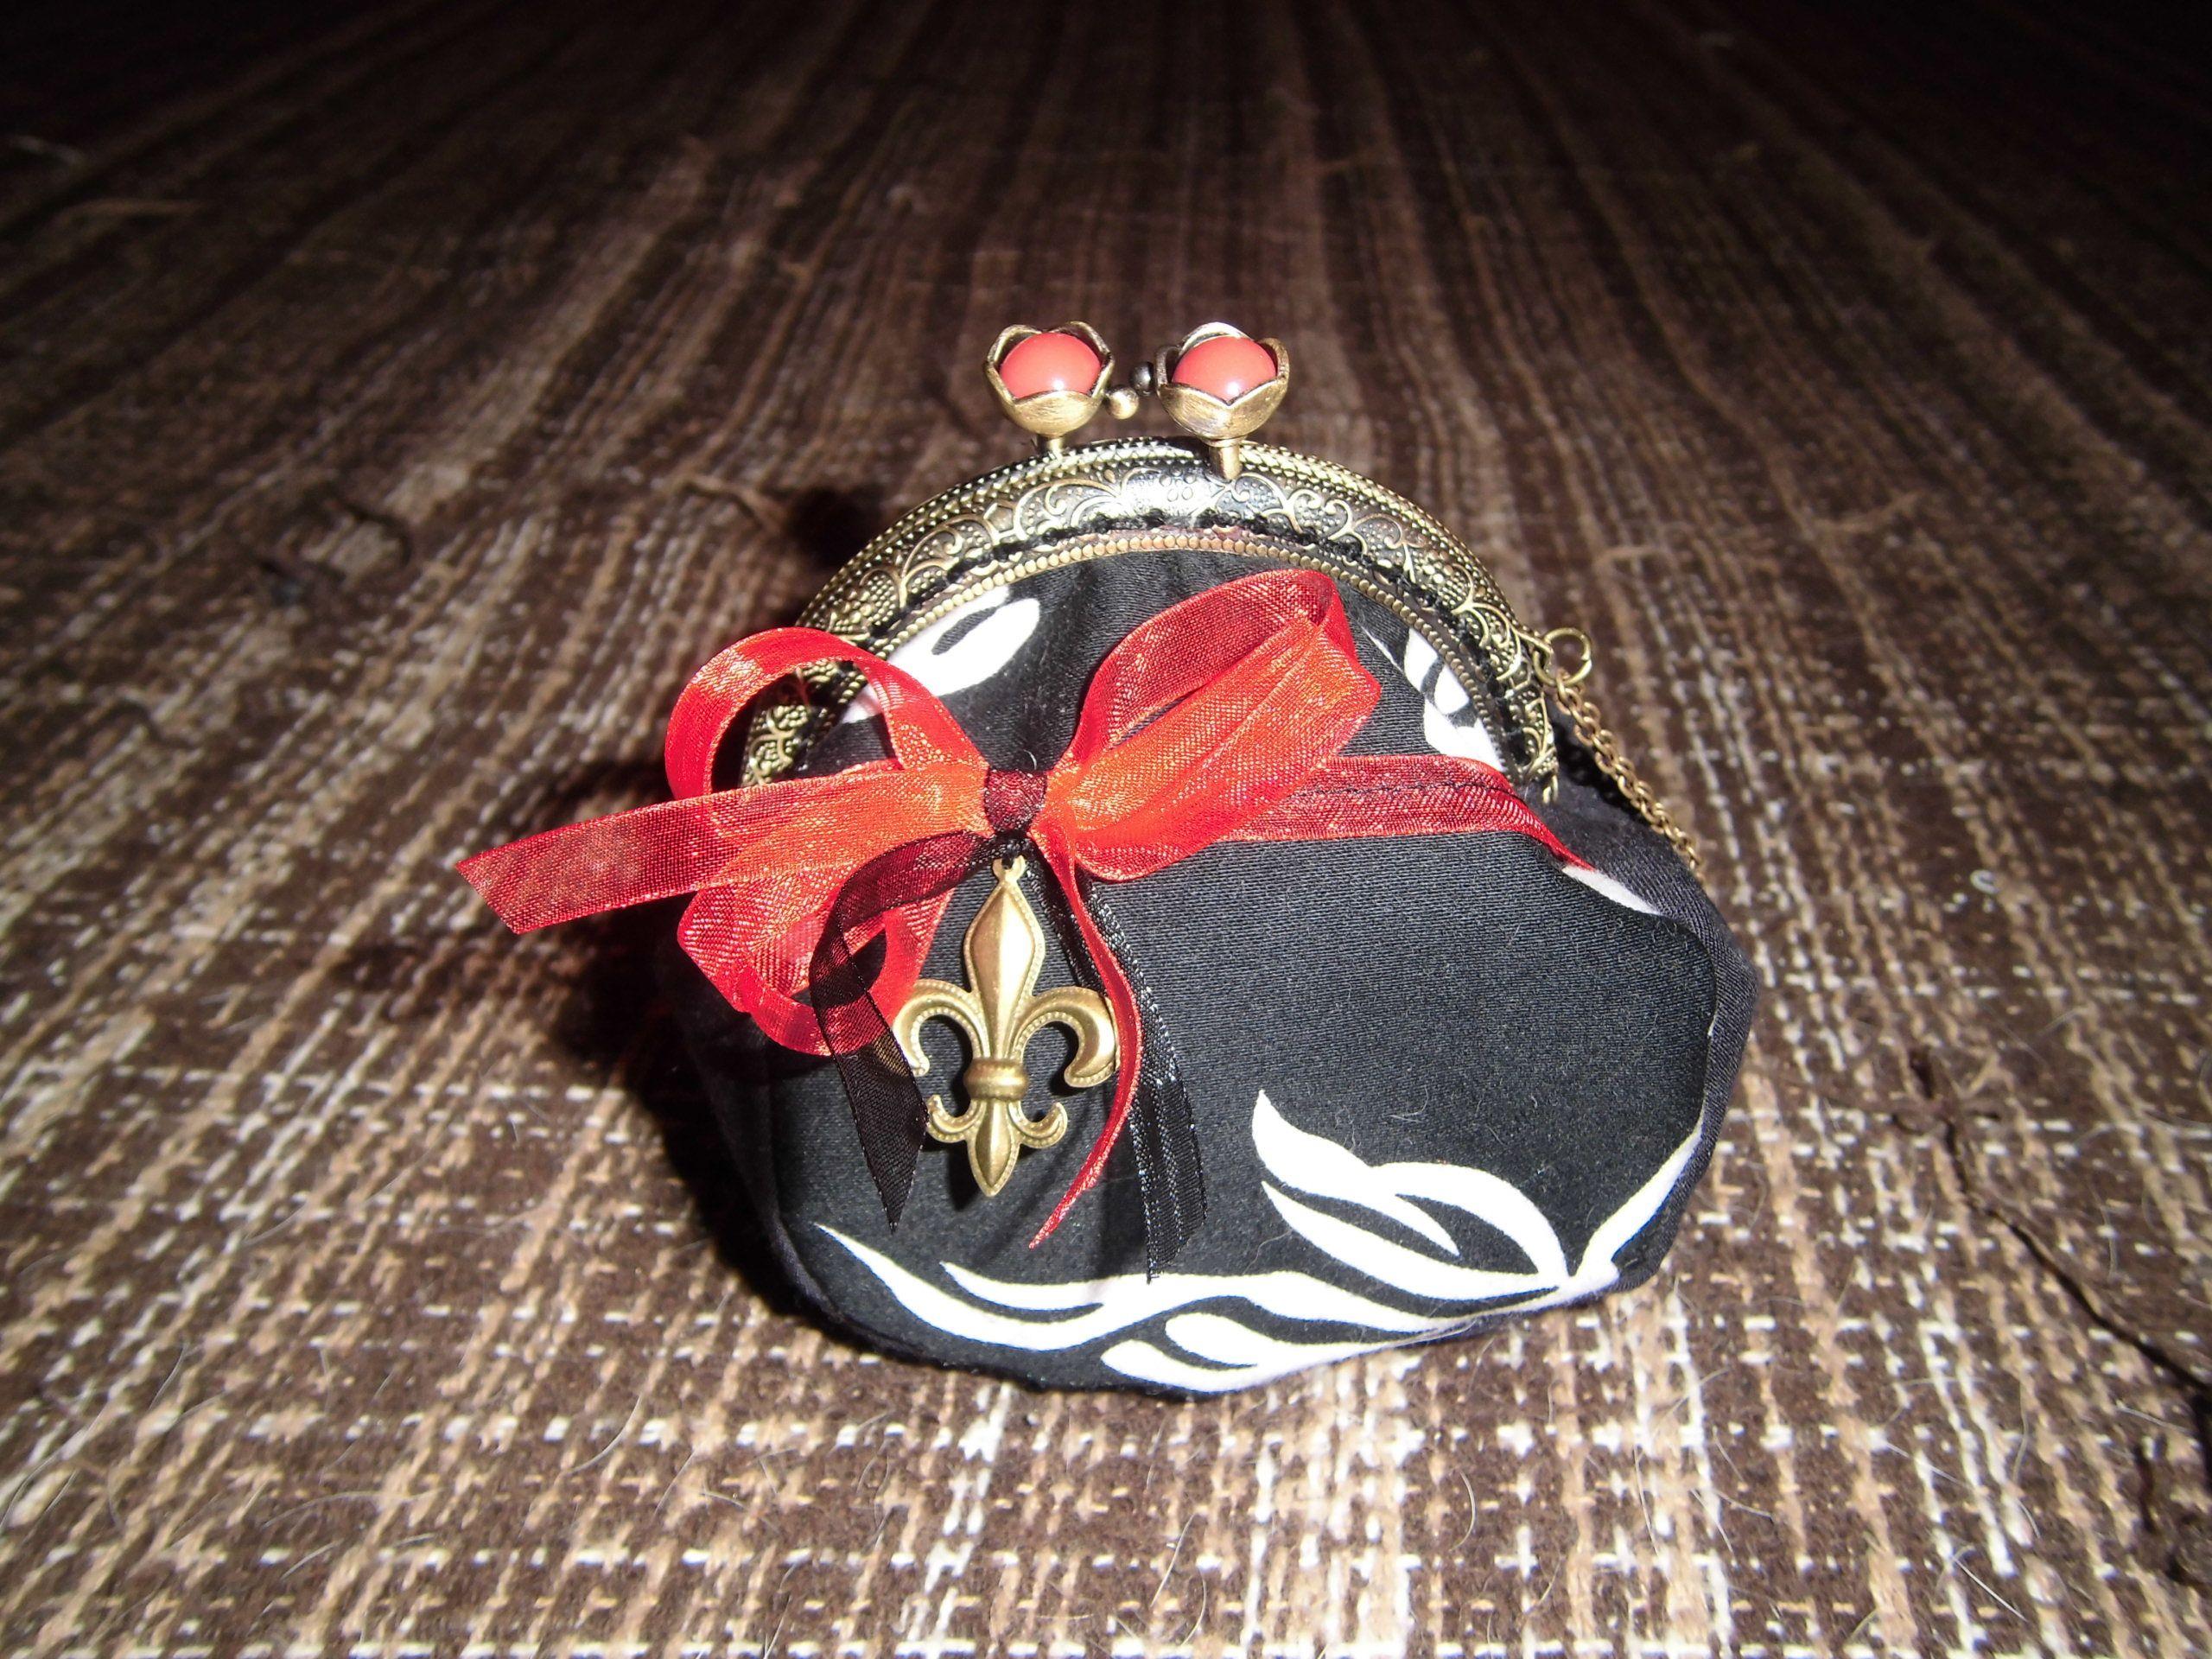 monedero blanco y negro con lazo rojo y flor de lis.